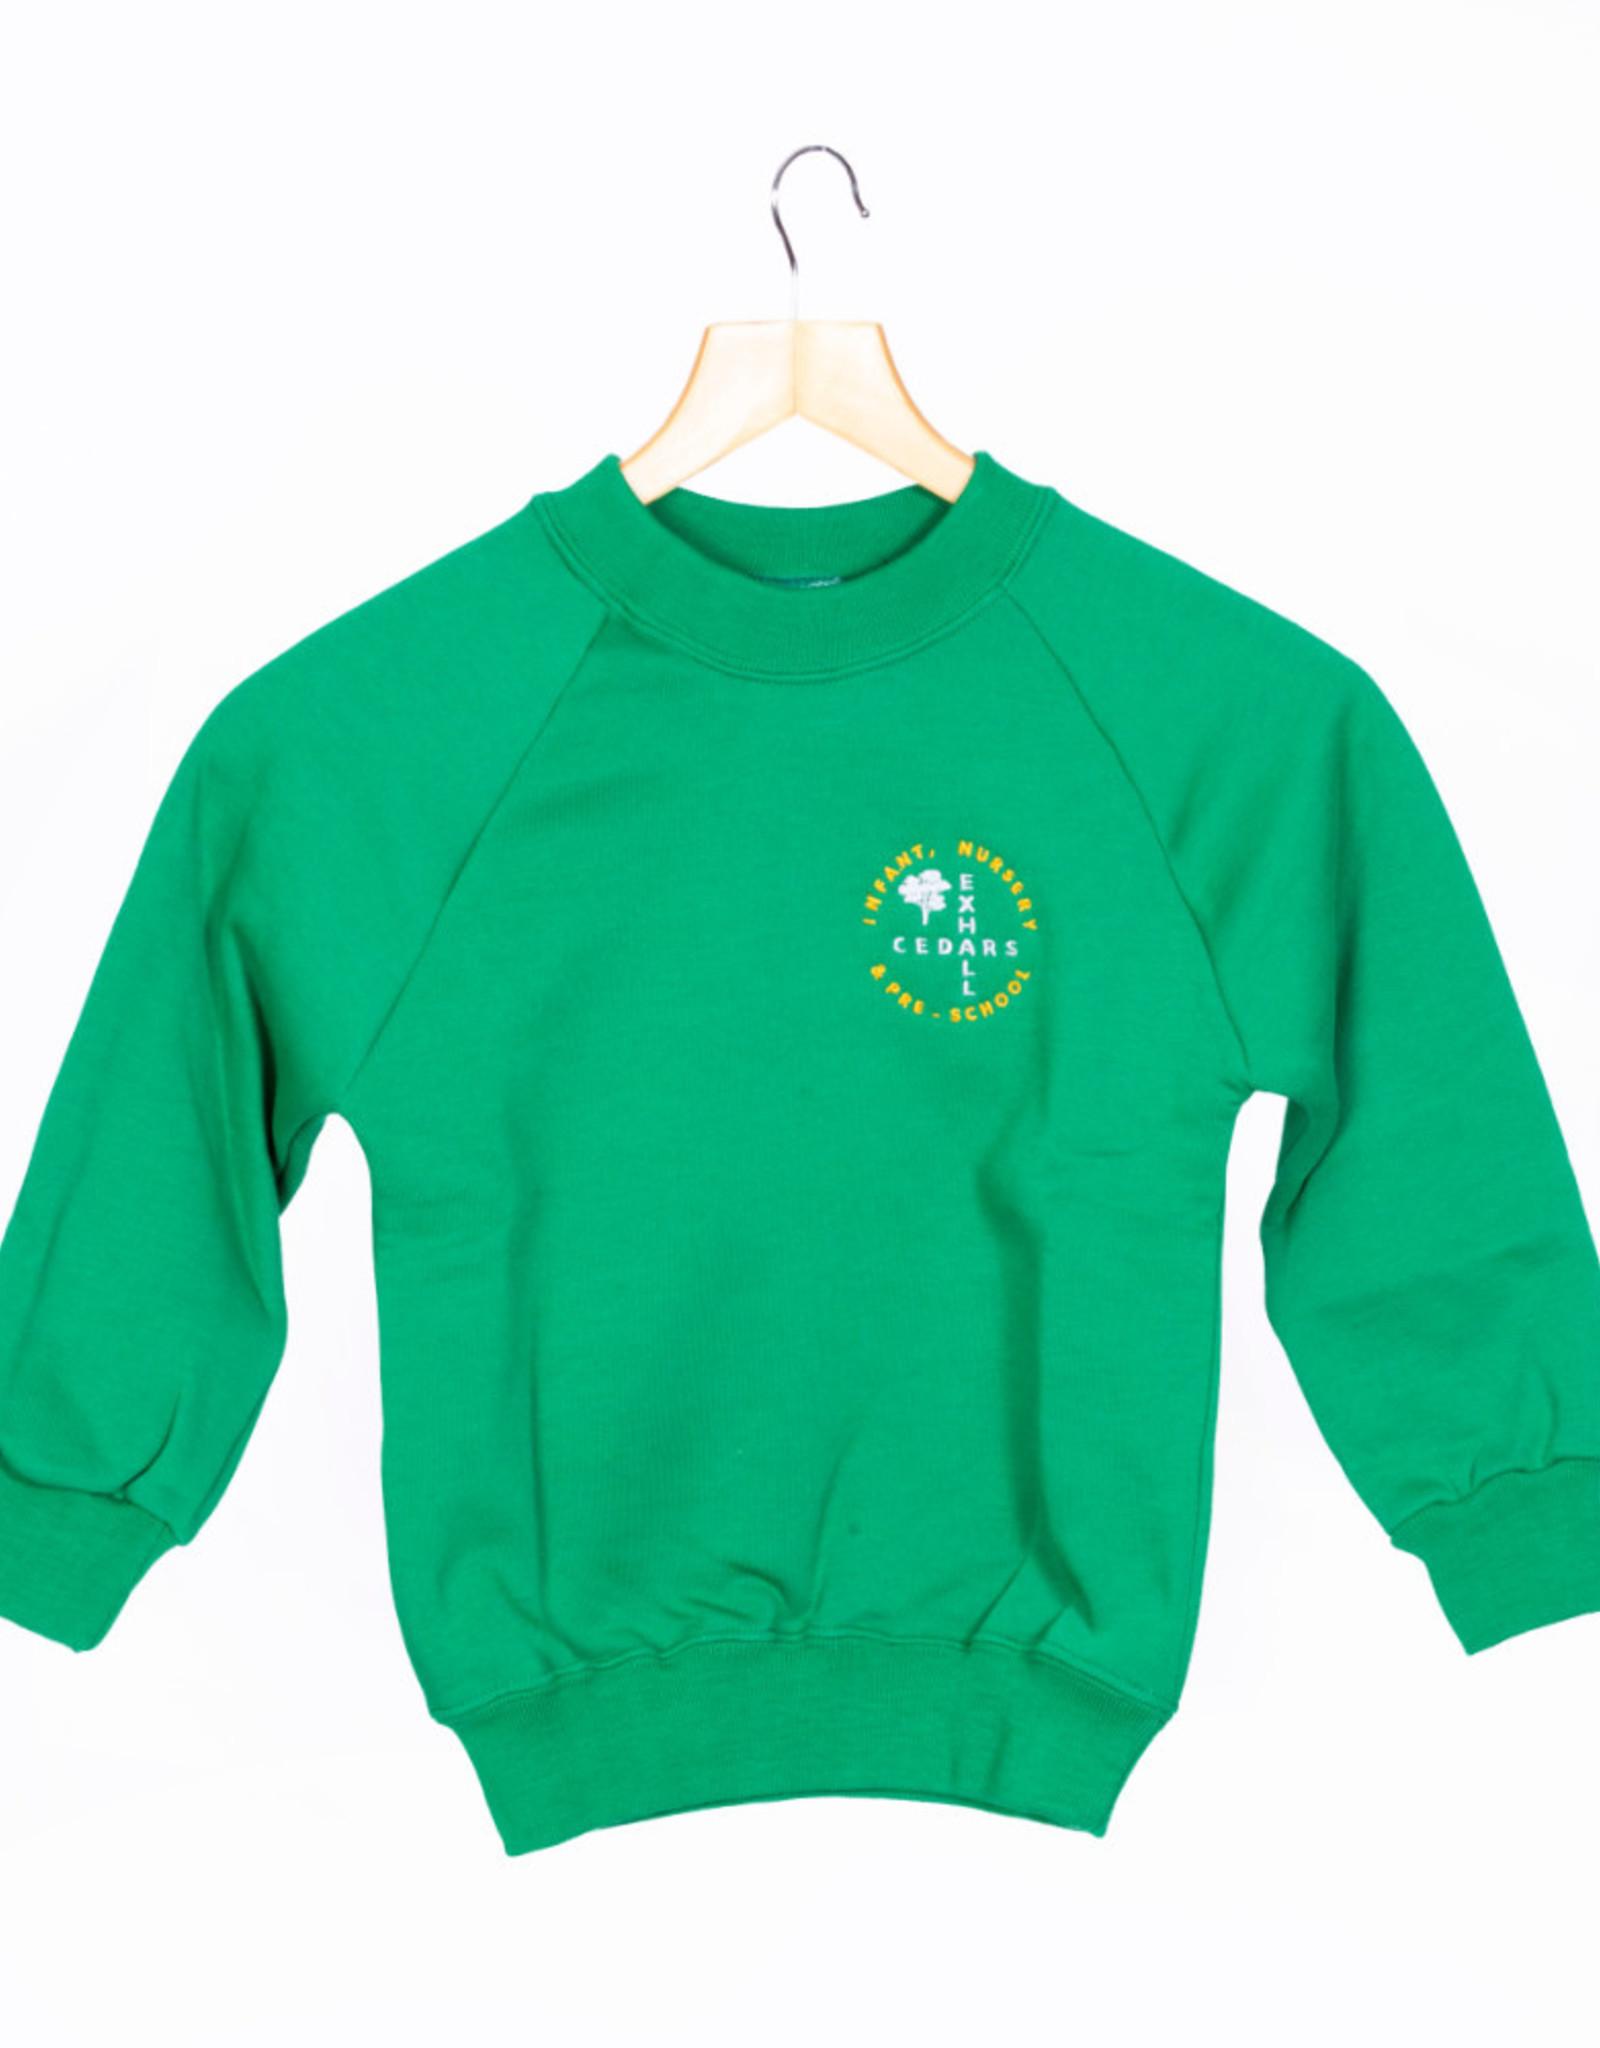 Round-Neck Sweatshirt Child Size - Exhall Cedars